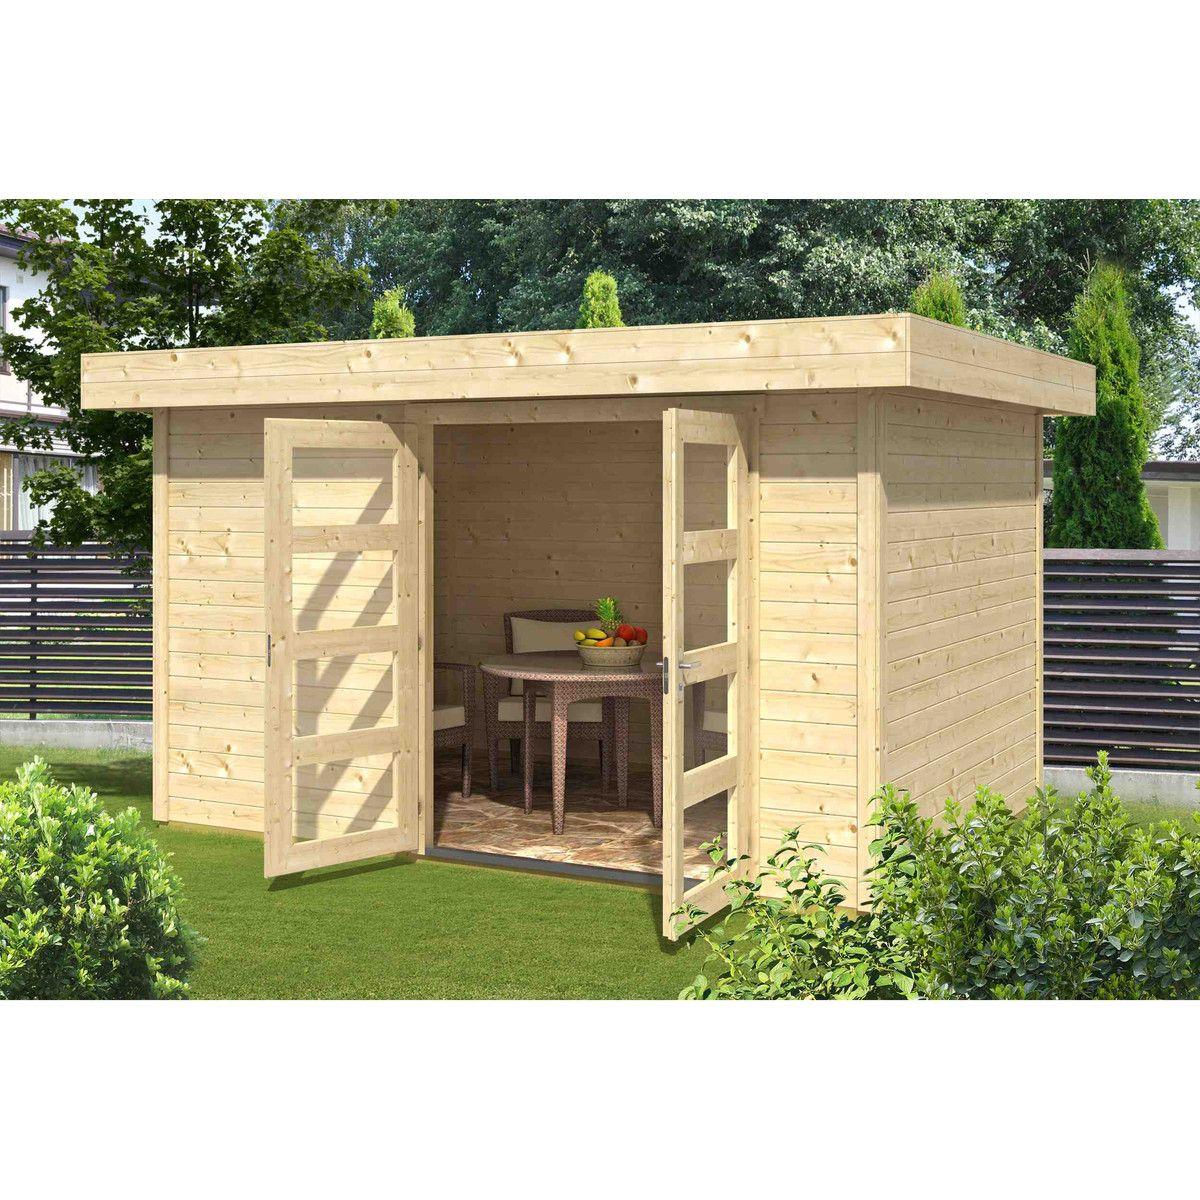 Abri de jardin bois INKA 4 / 8.42m² / 28mm | Abri de jardin bois ...